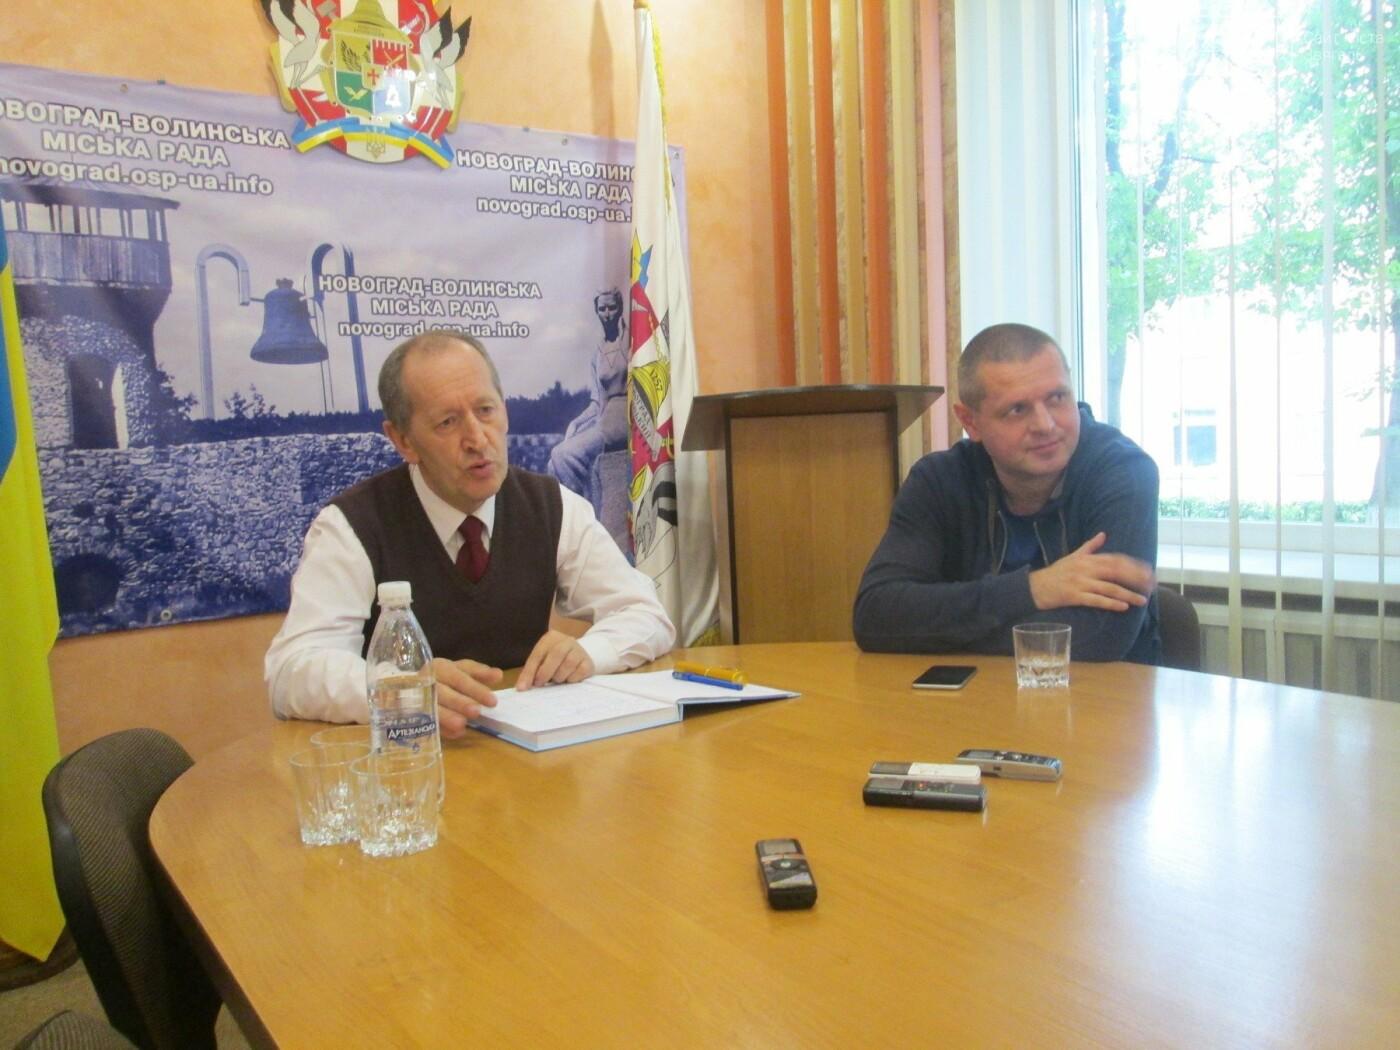 Про що говорили на першій прес-конференції секретаря міськради Василя Остапчука?, фото-1